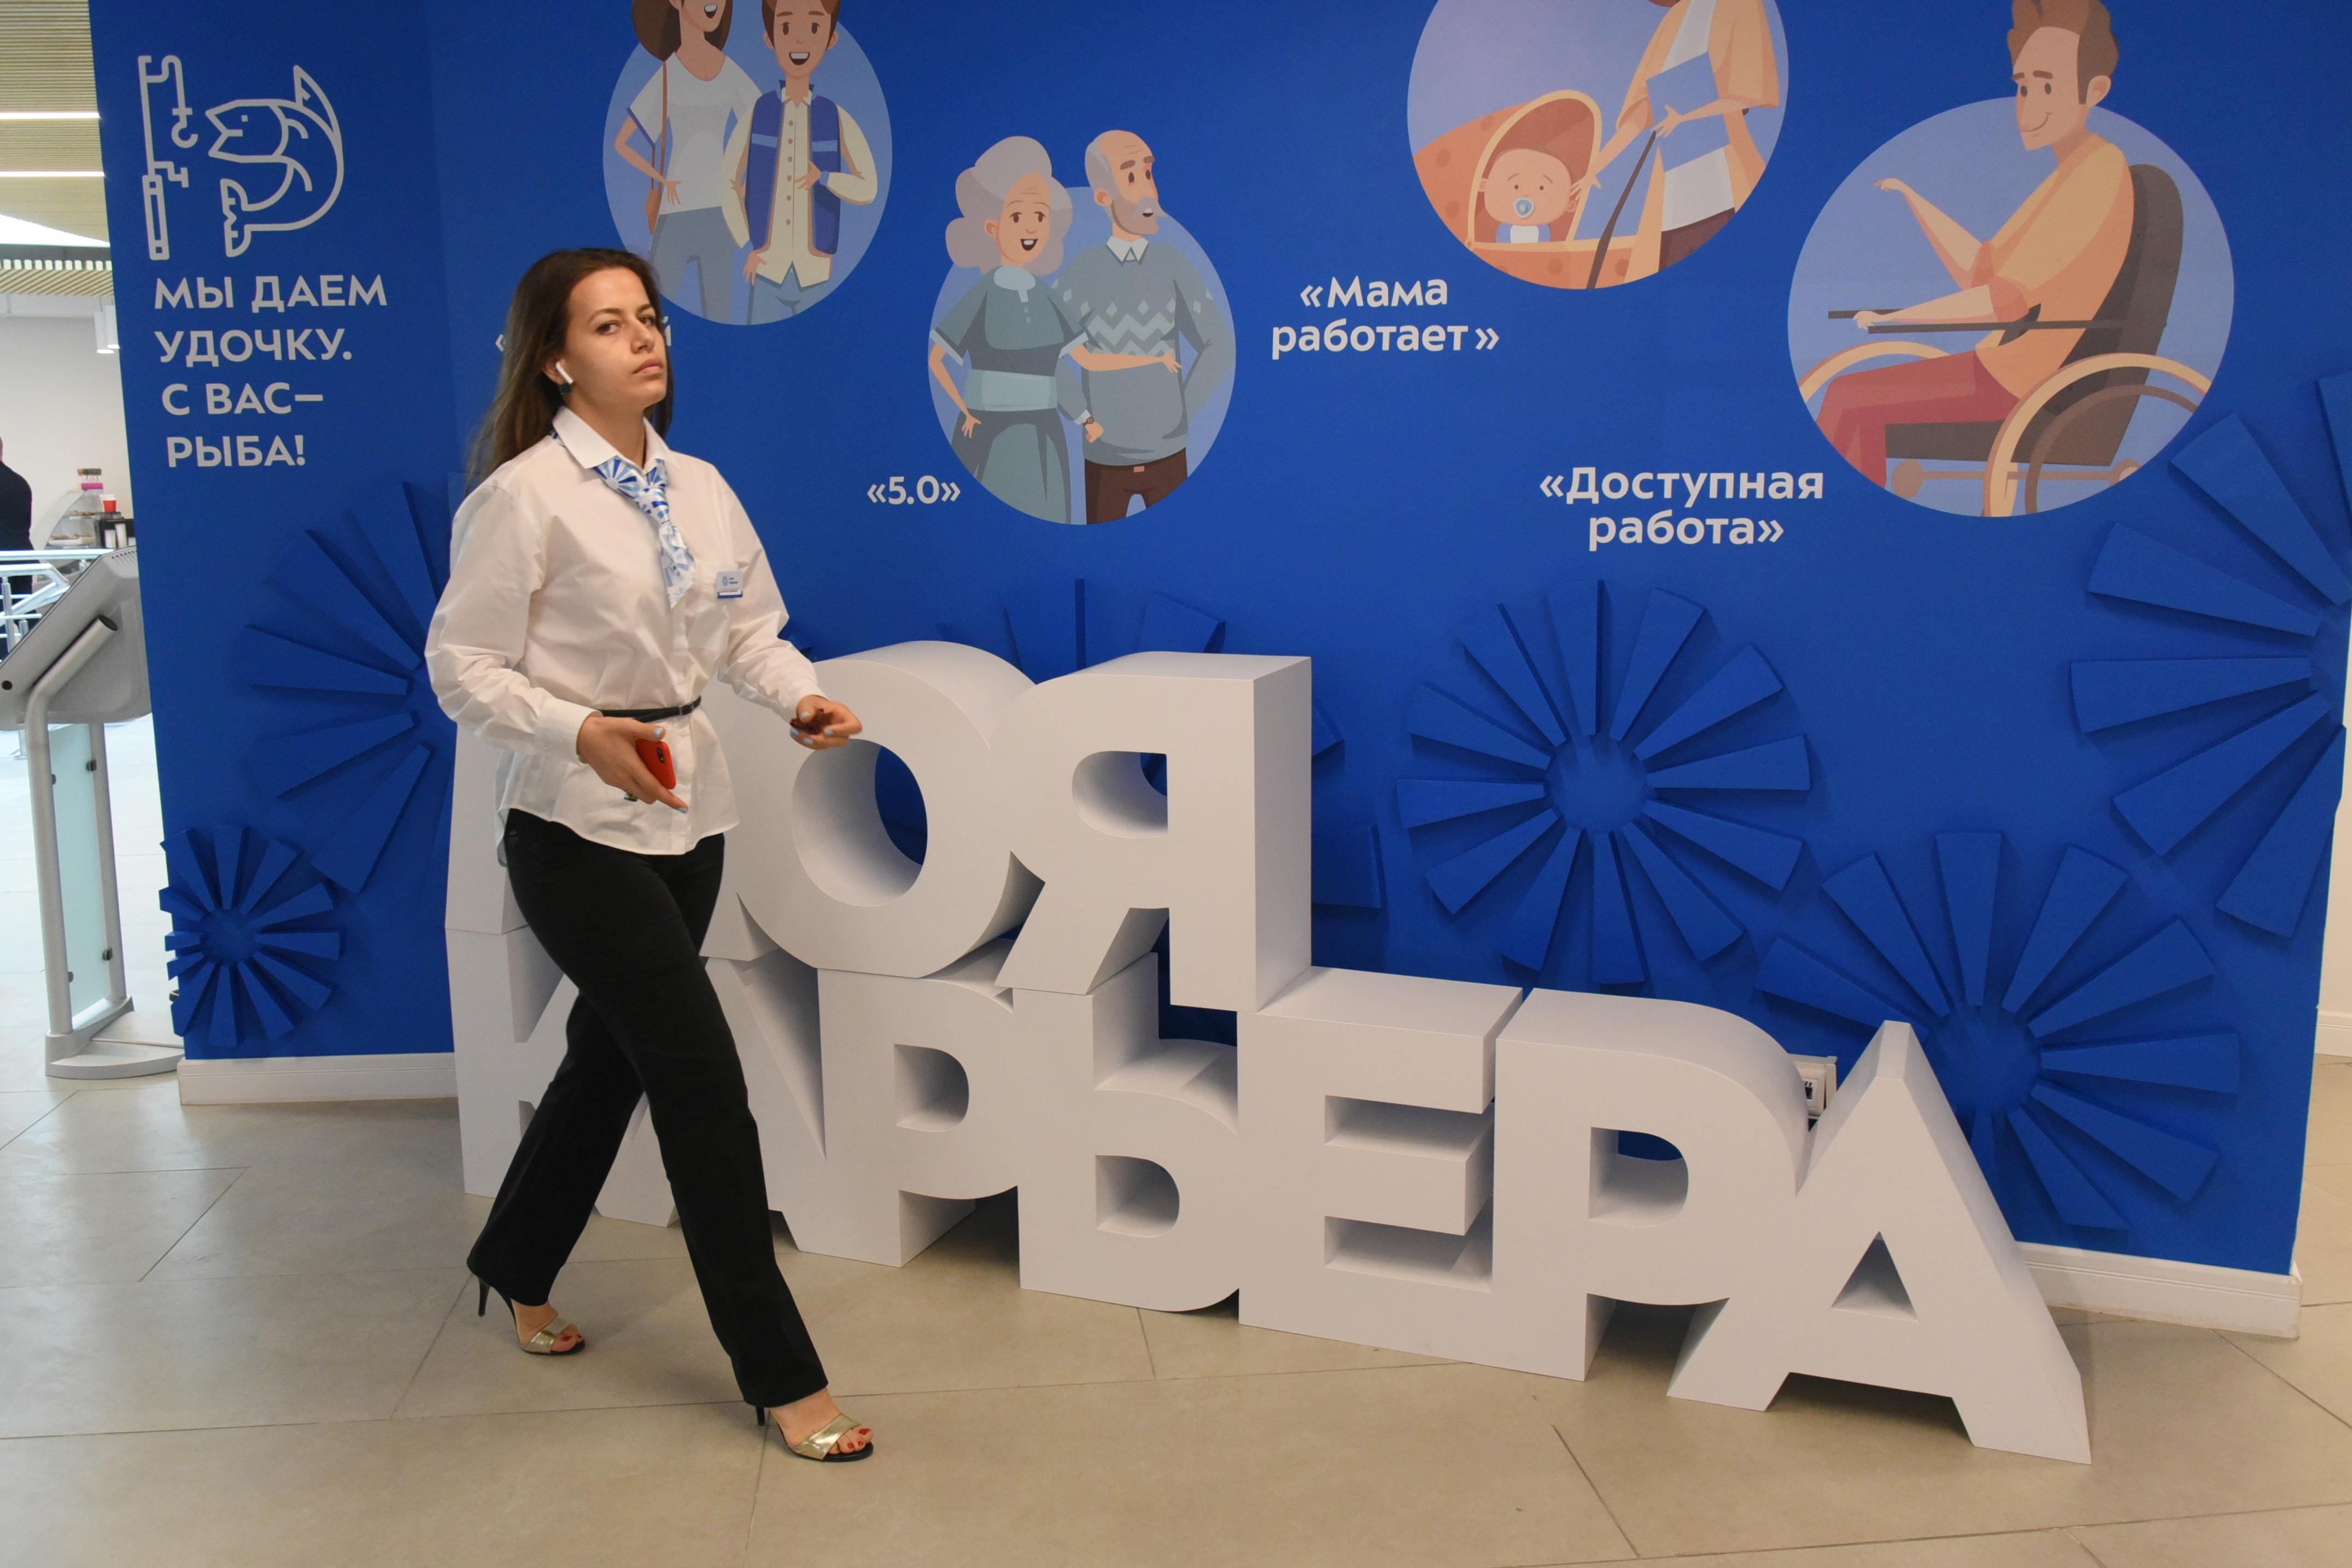 Центры занятости трудоустроили 60 тысяч москвичей за 2020 год